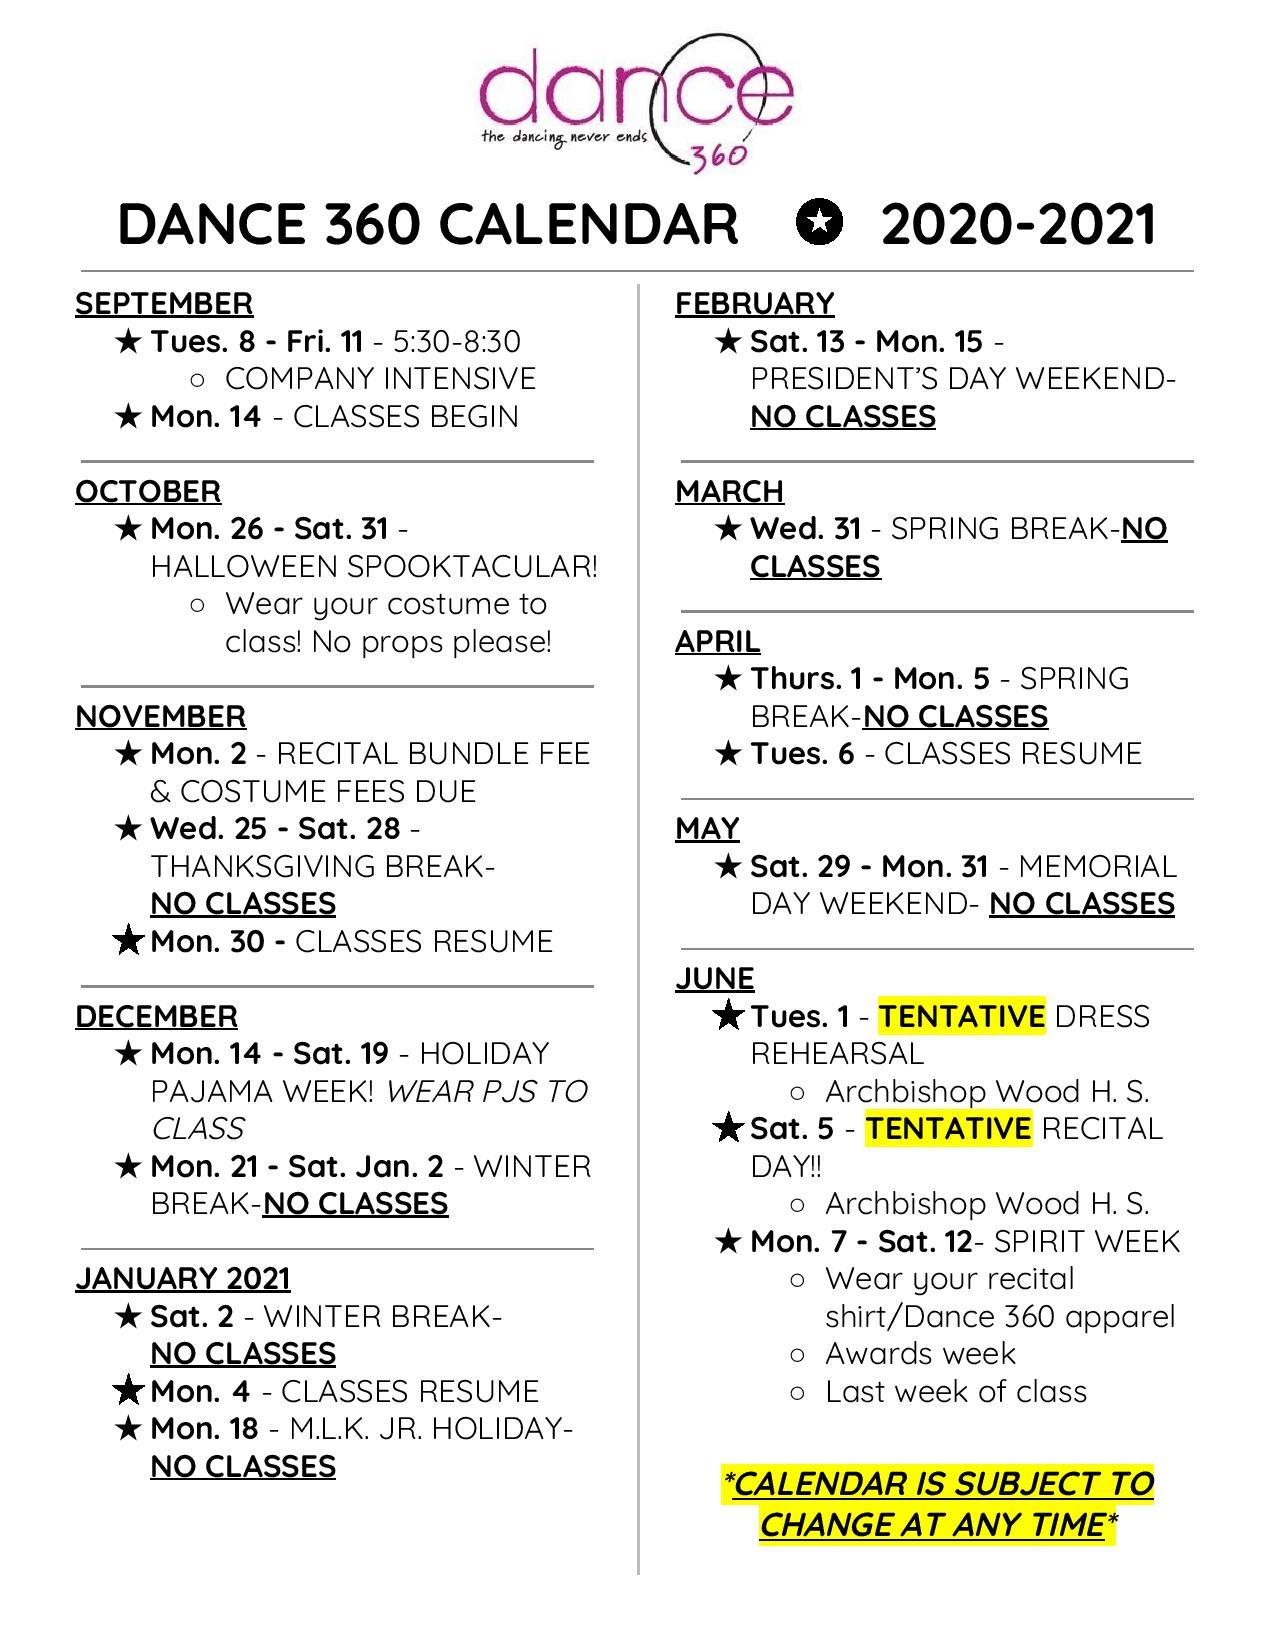 Dance 360 Calendar 2020-2021